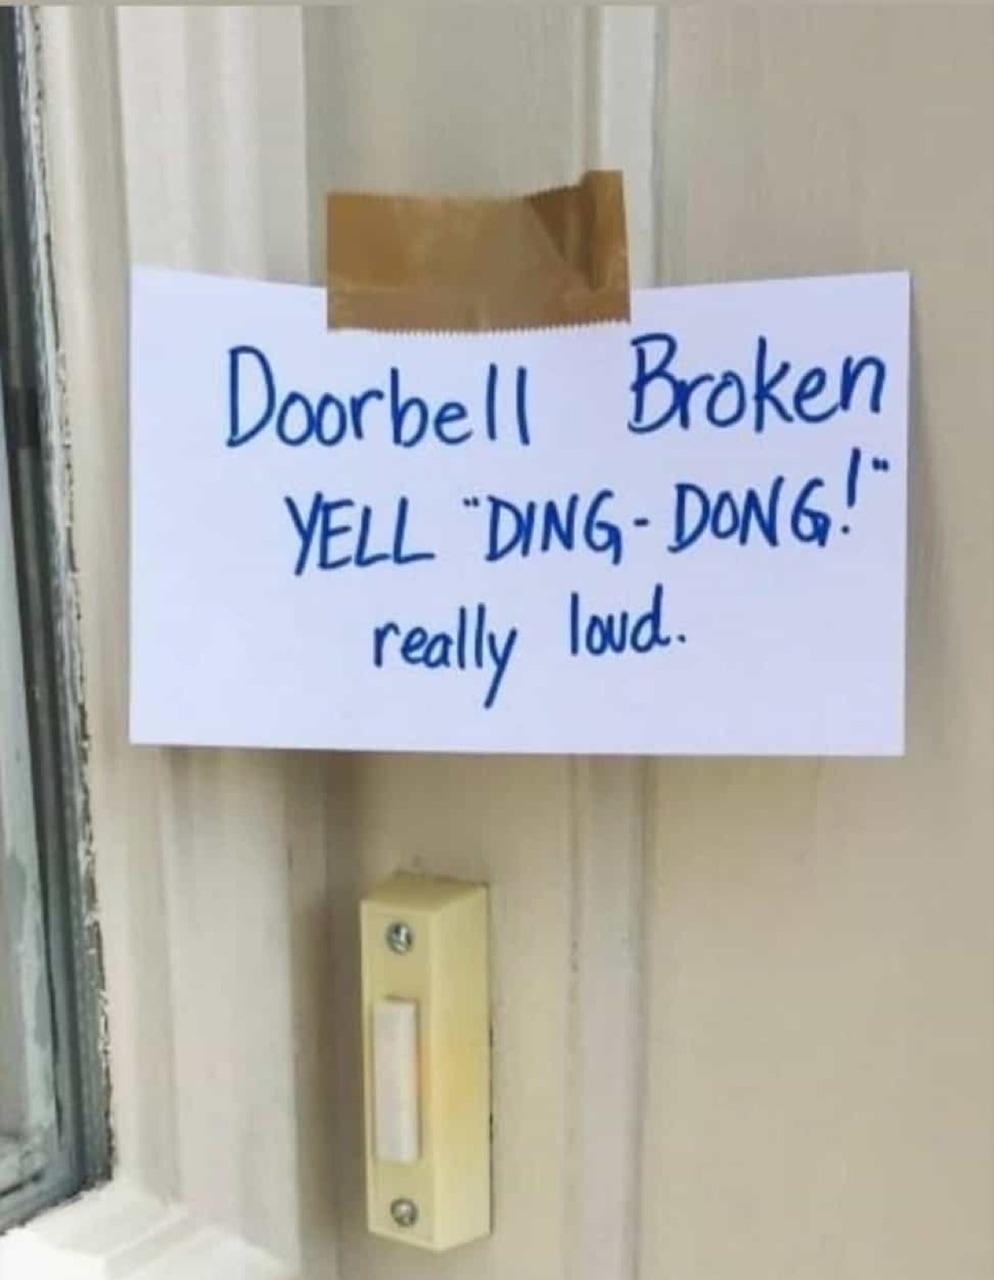 Image de broken and doorbell